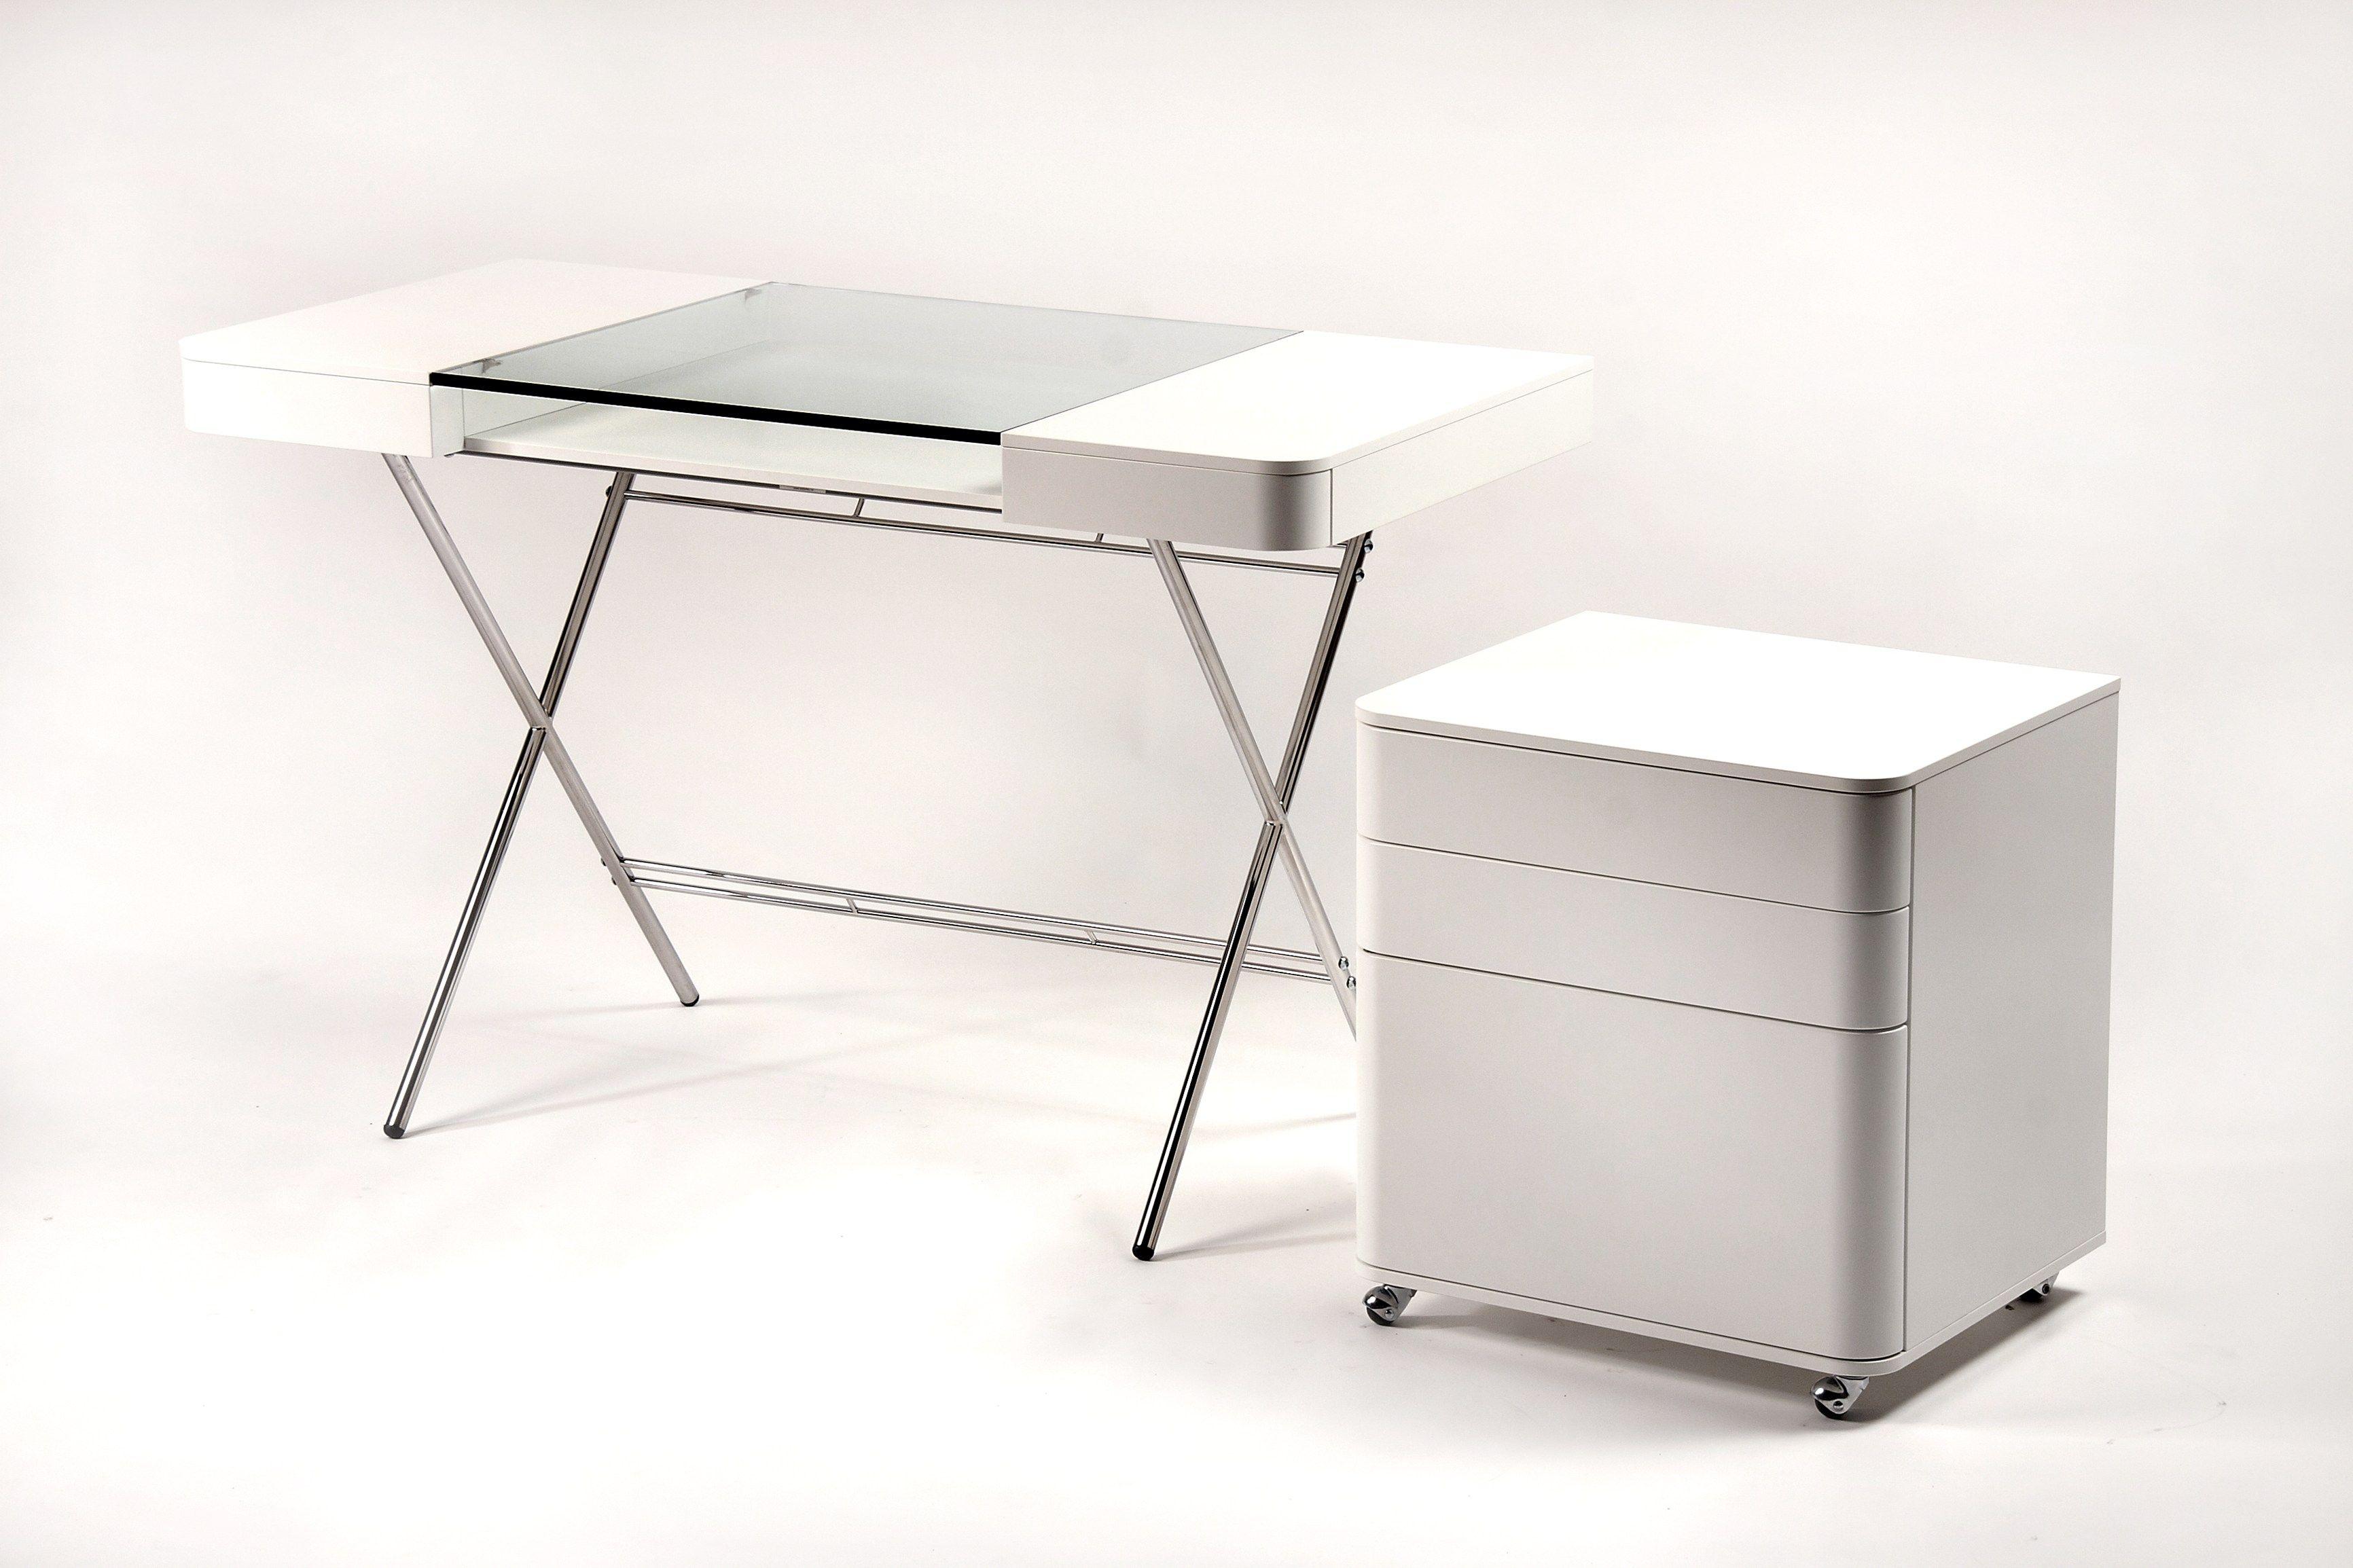 Schreibtisch Aus MDF Und Glas Mit Schubladen COSIMO LAQUÉ BLANC MAT  Kollektion Cosimo By Adentro Design Marco Zanuso